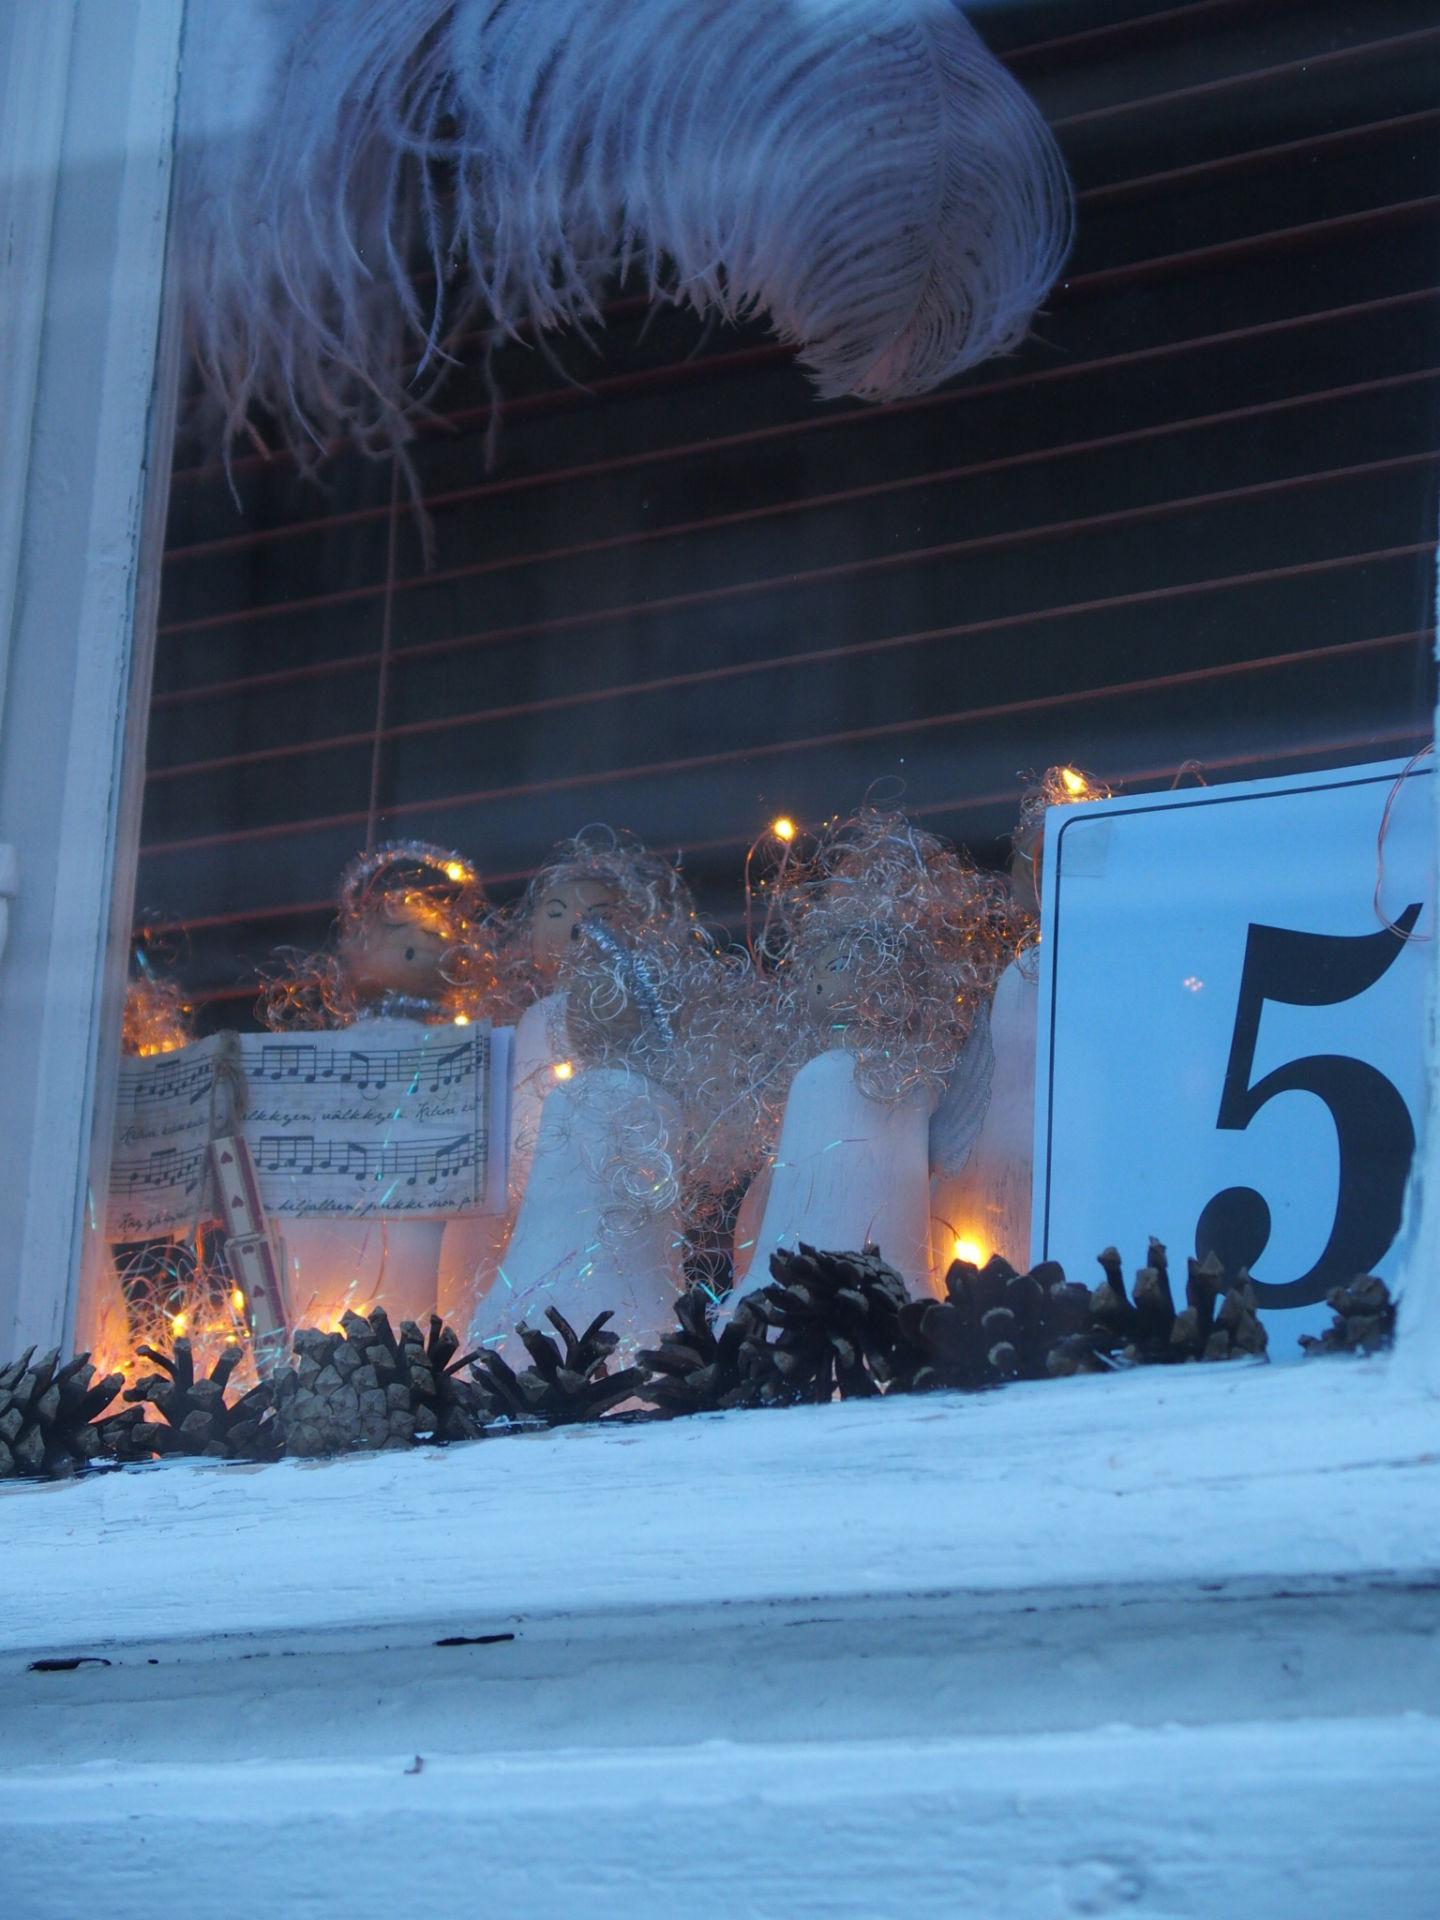 Joulukalenteri-ikkunat ihastuttavat Vanhassa Raumassa jälleen joulukuussa - Rauma.fi